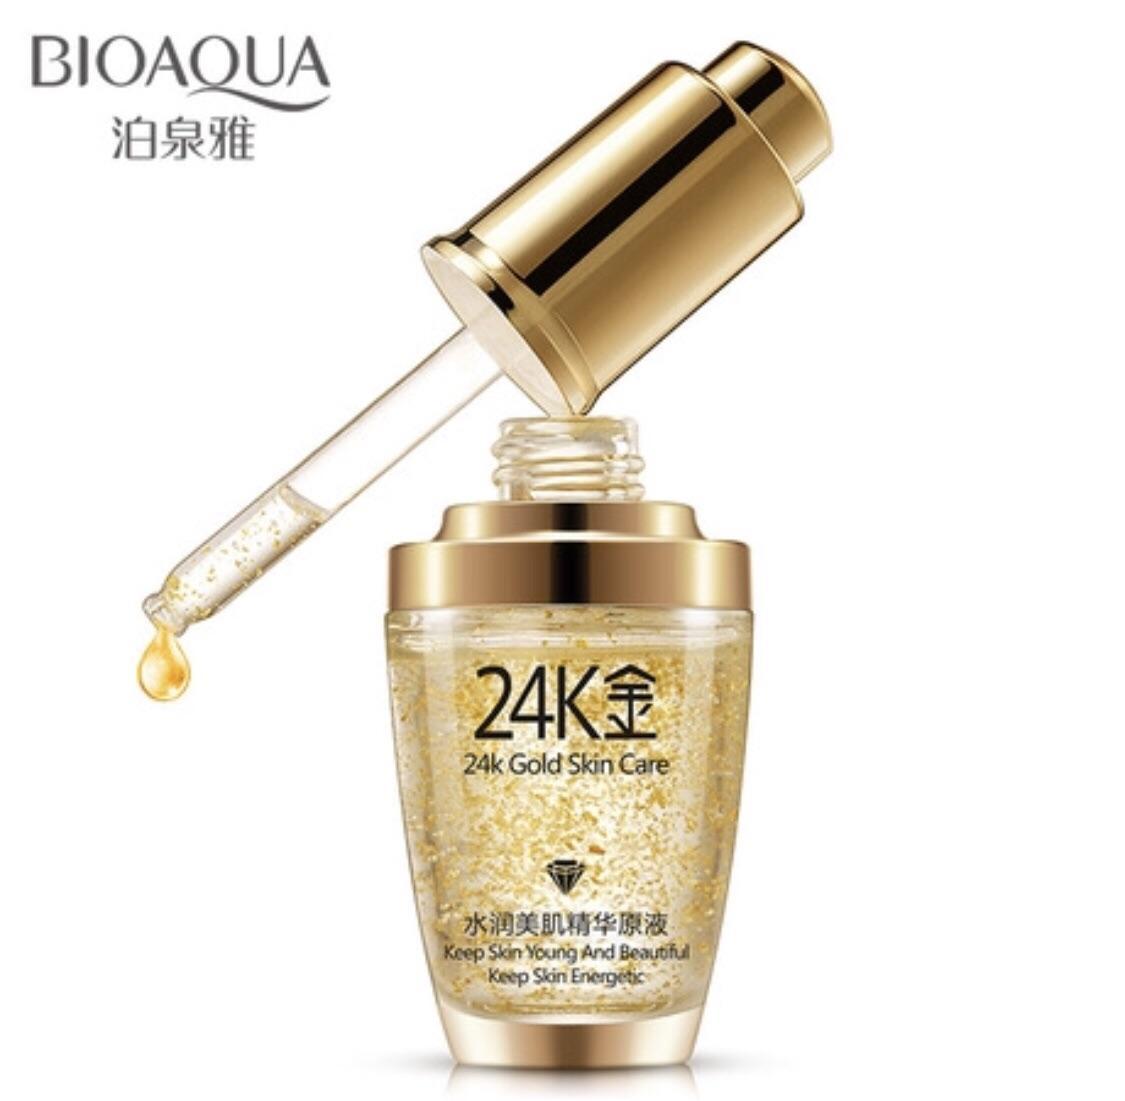 Hình ảnh Serum dưỡng da 24k Gold Skin Care của Bioaqua